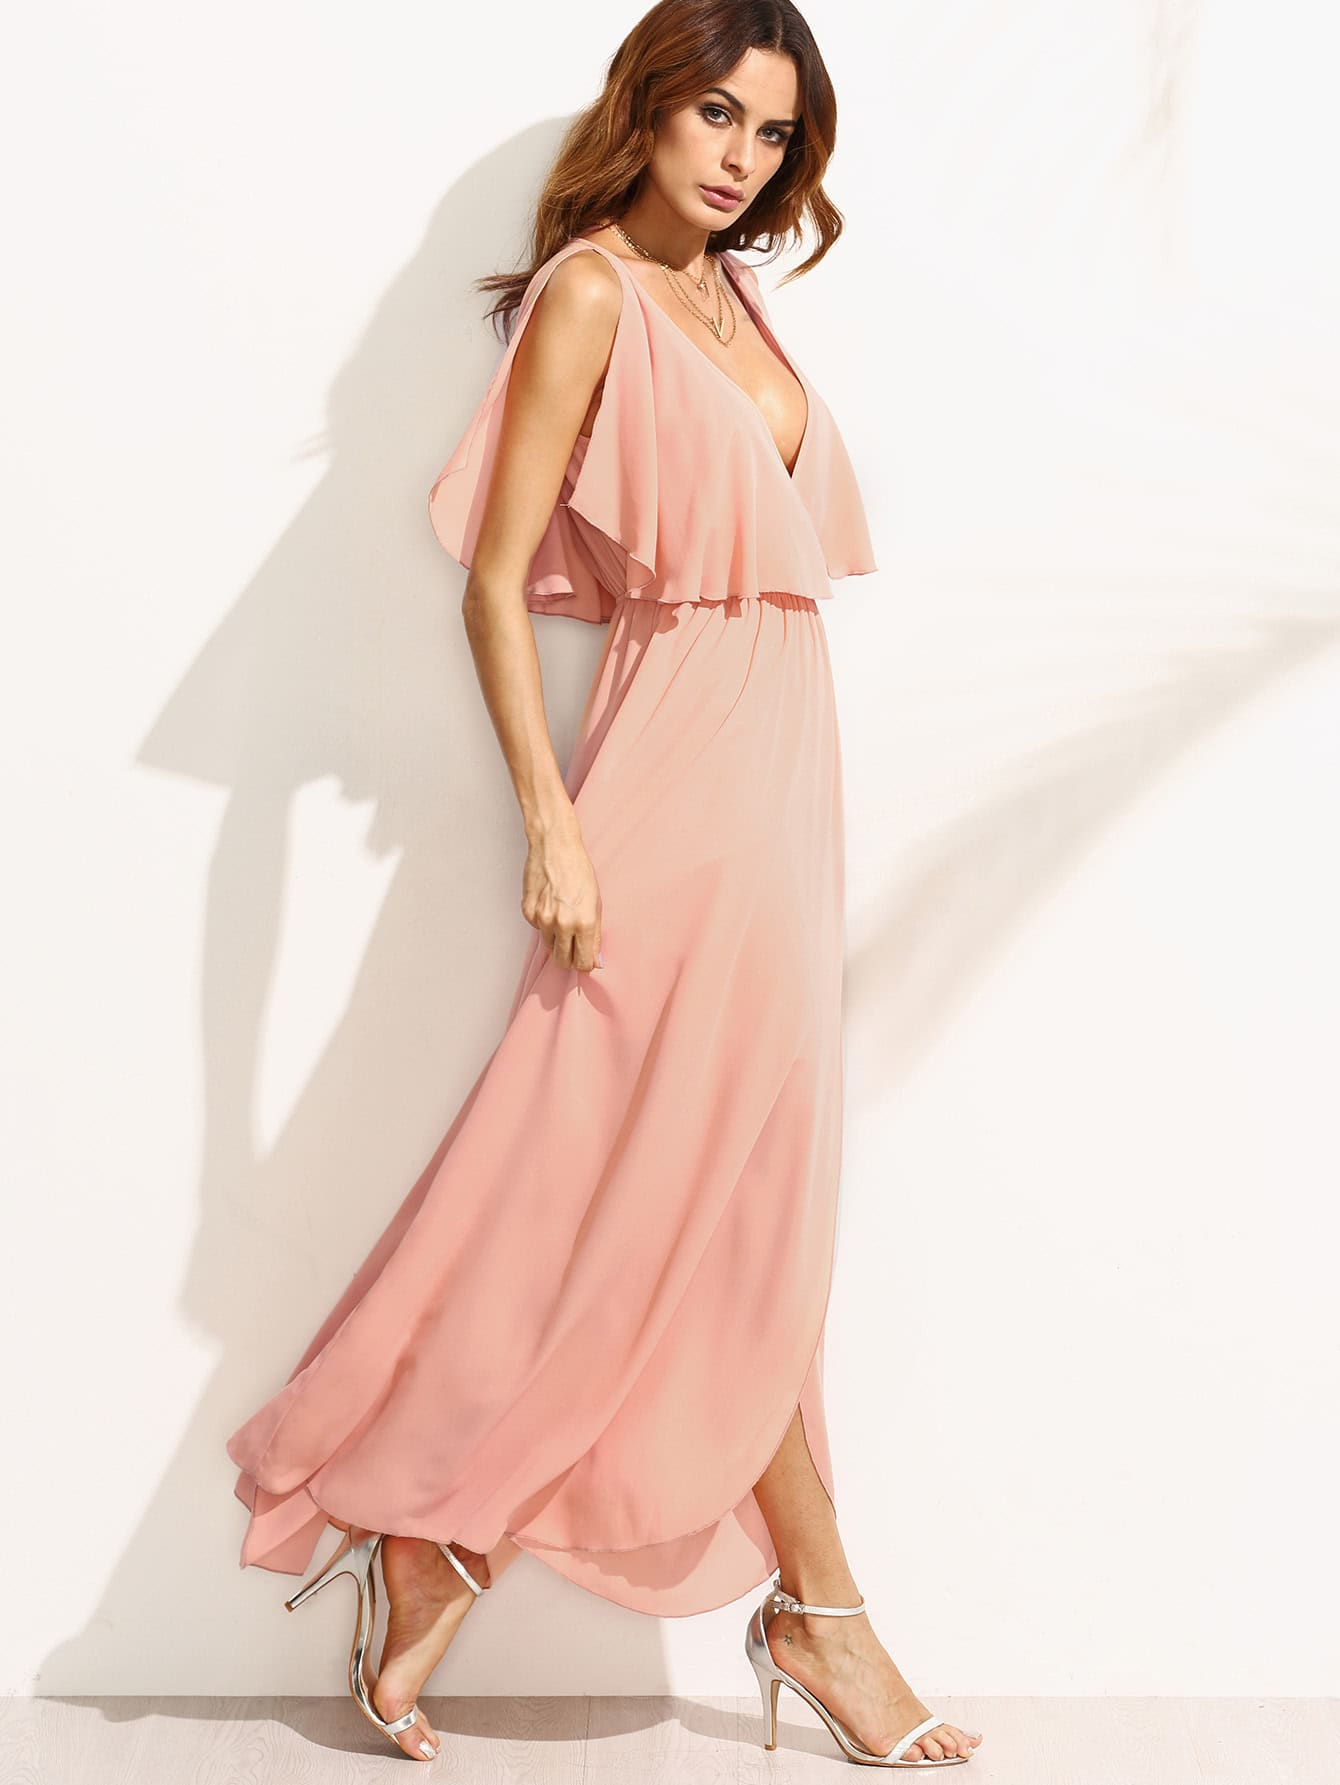 dress160729508_2